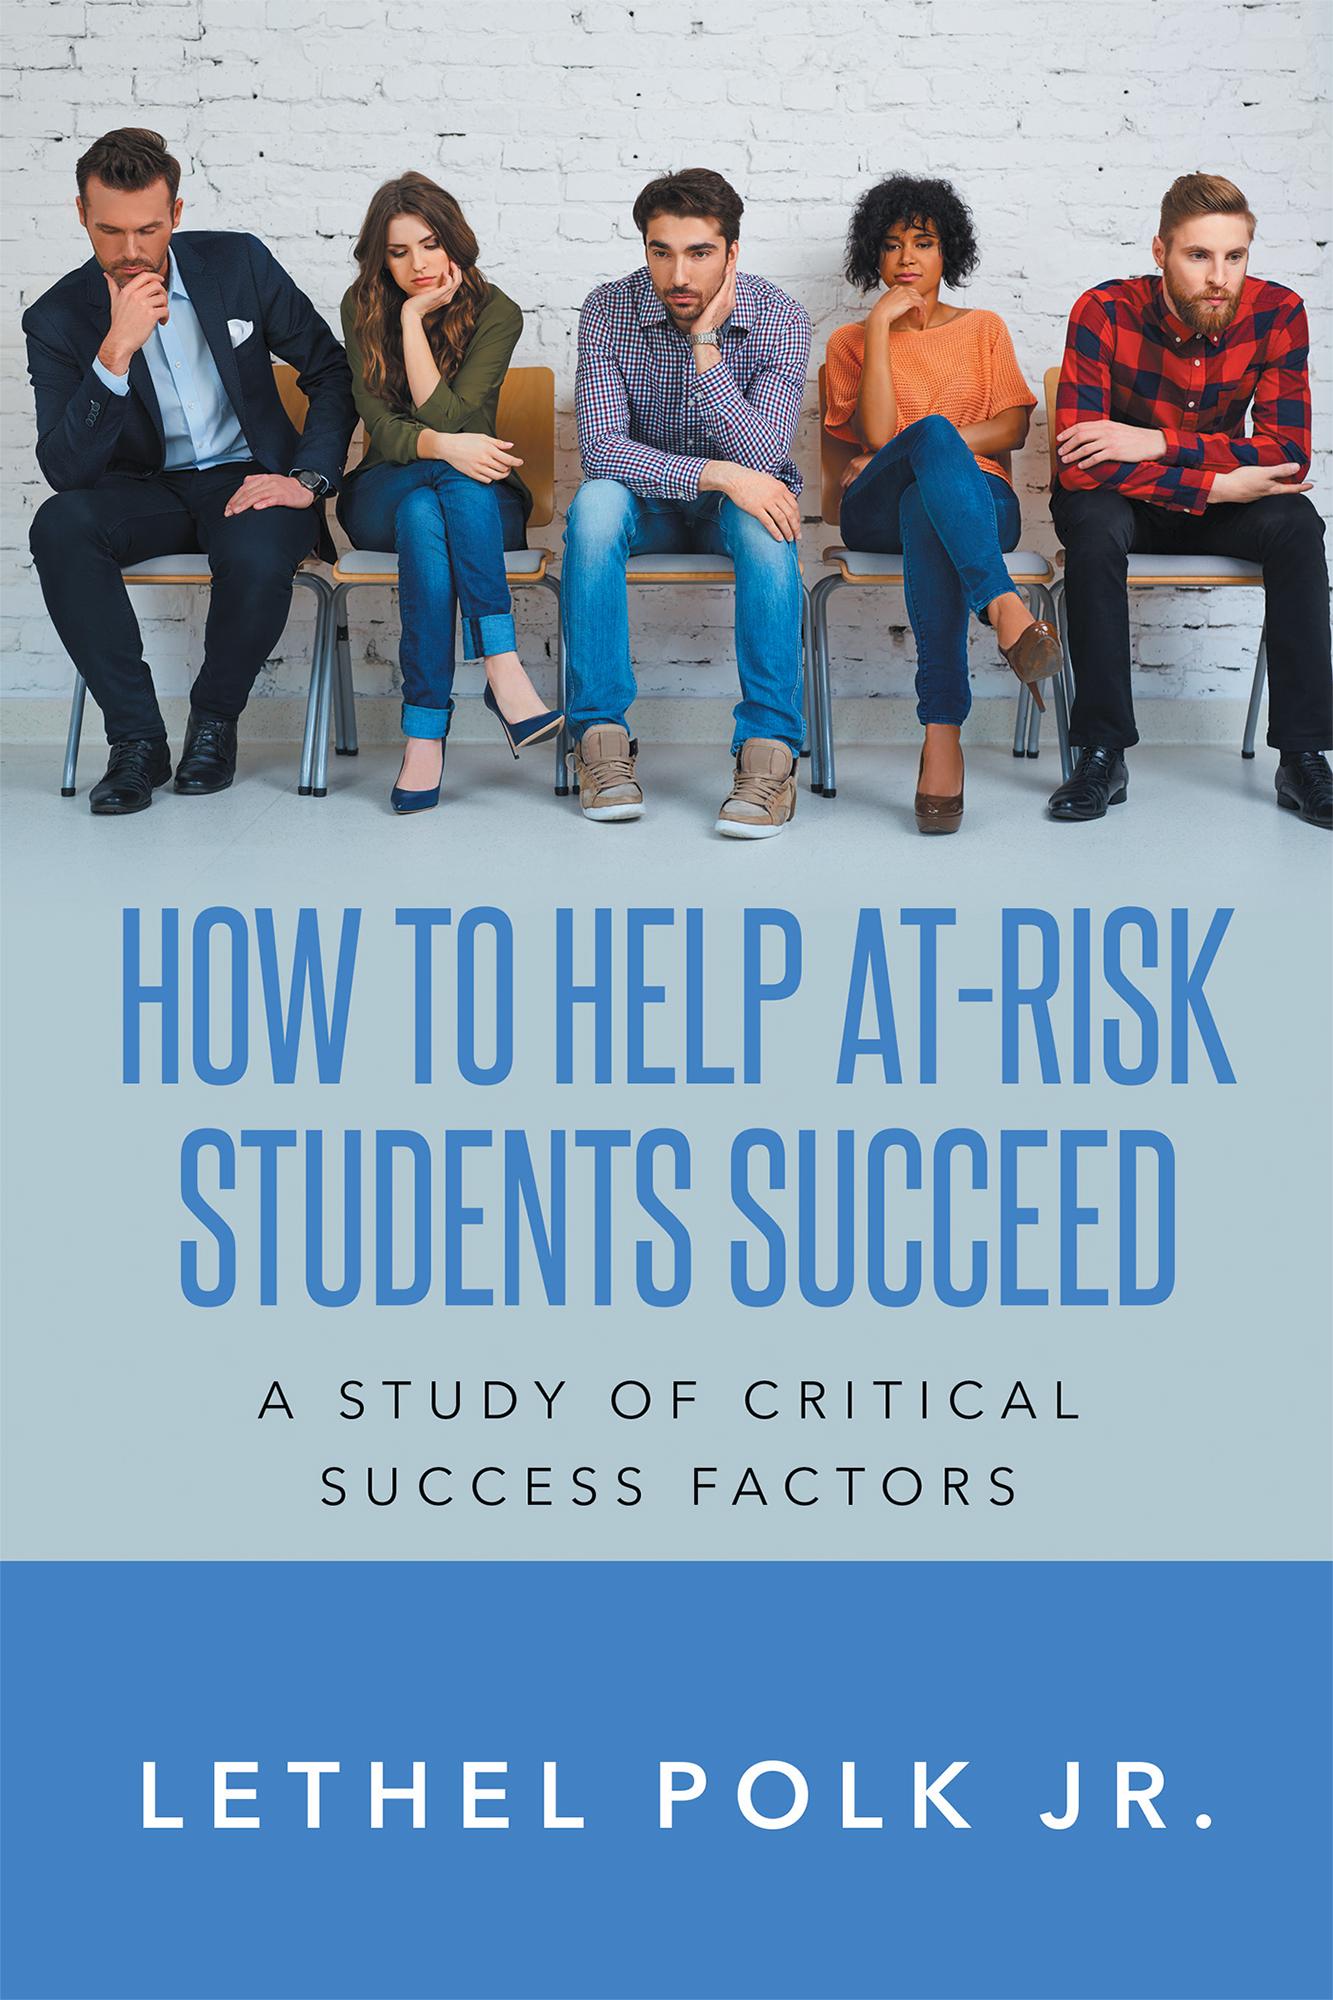 the study of critical success factors